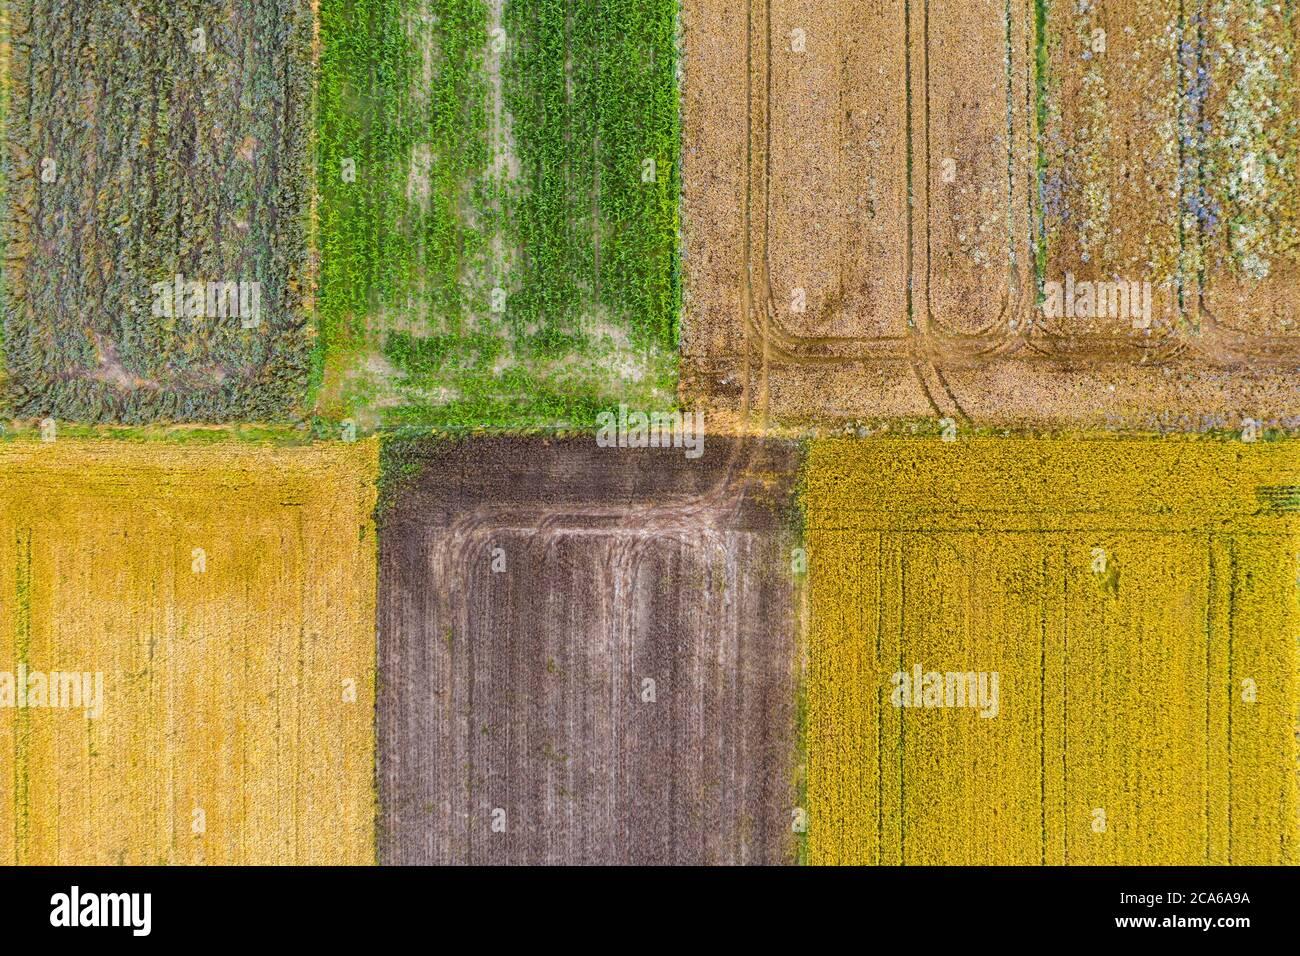 Vue aérienne par drone des champs de culture avec du maïs vert, du canola jaune, du blé brun et du seigle Banque D'Images